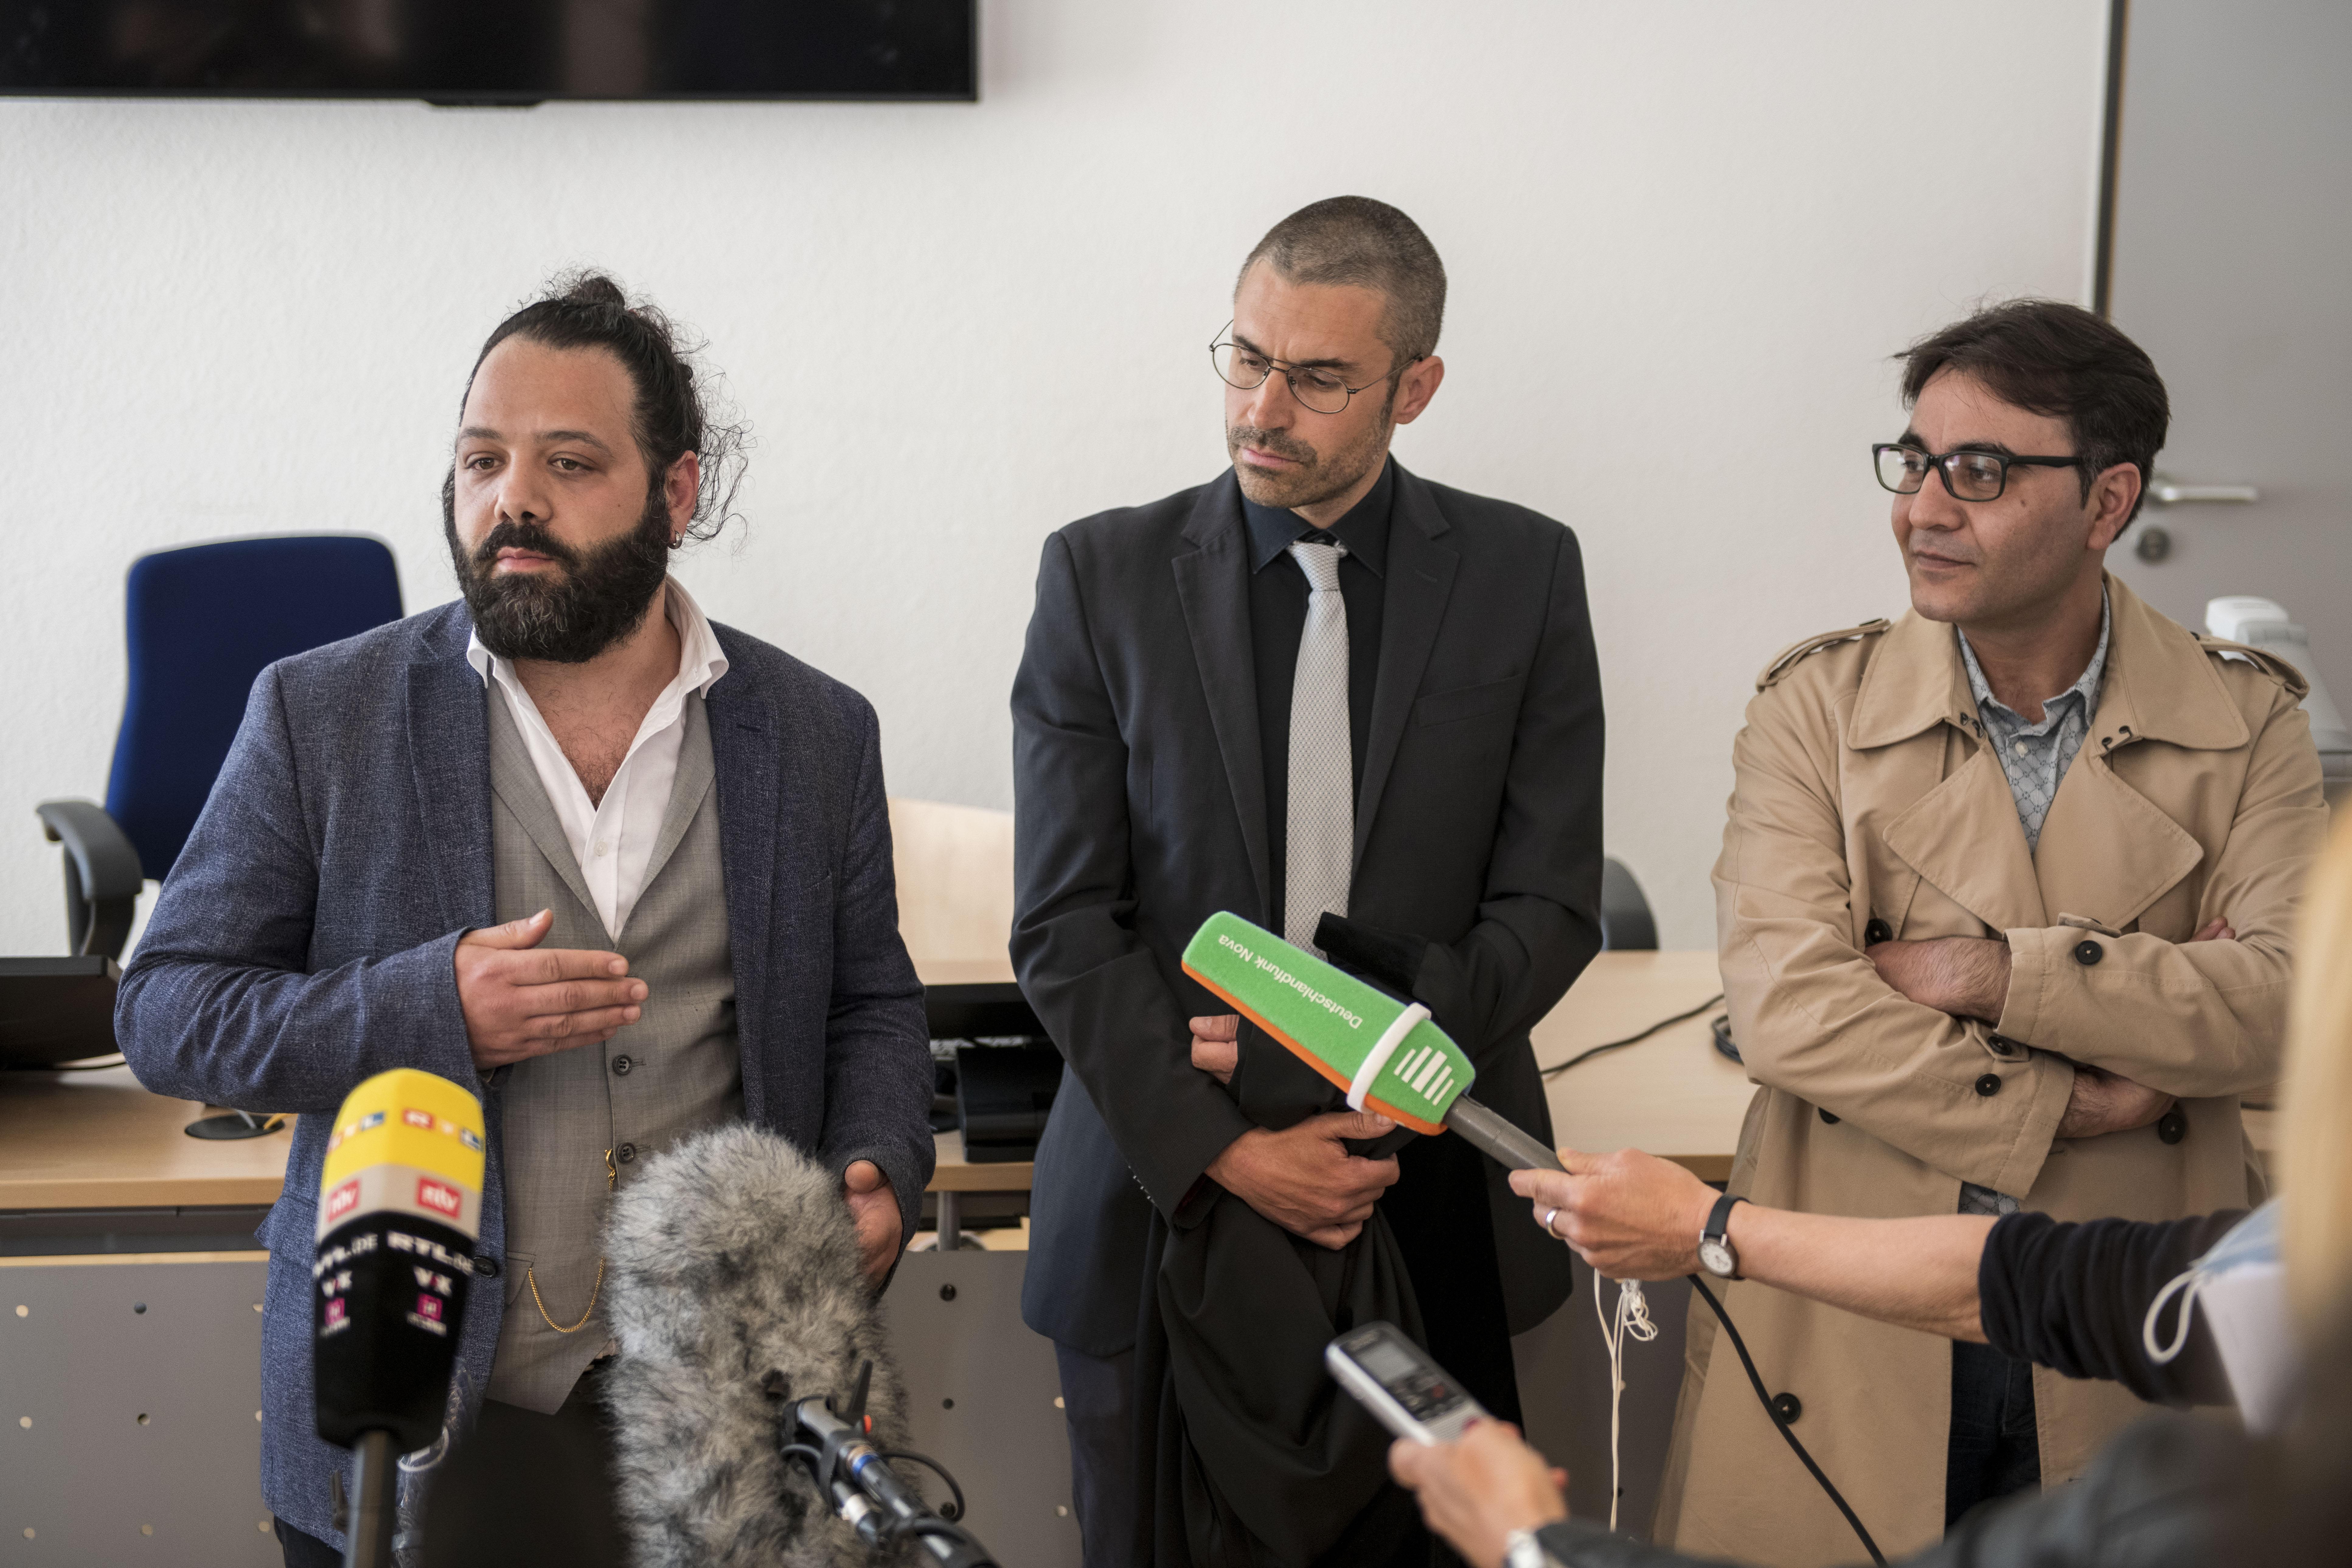 المحامي باتريك كروكر (الوسط) والمدعيان الآخران وسيم مقداد (يسارا) وحسين غرير (يمينا) يجيبون على أسئلة الصحفيين خارج قاعة المحكمة